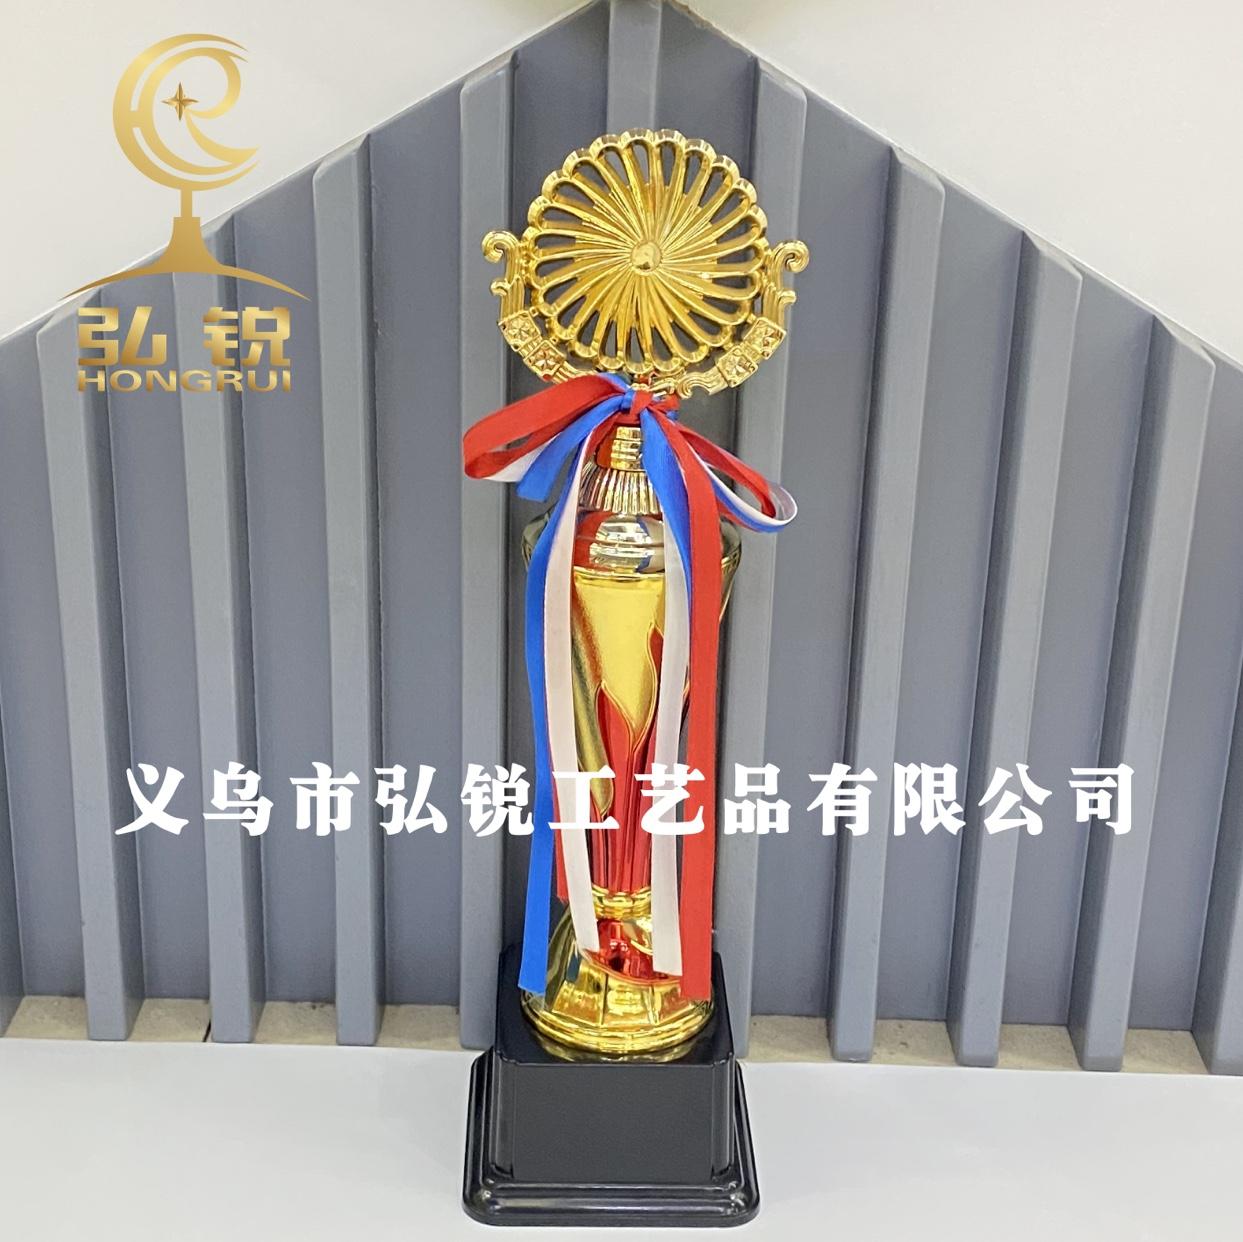 HR-158C塑料奖杯35CM运动竞技体育比赛奖励奖奖品可定制logo